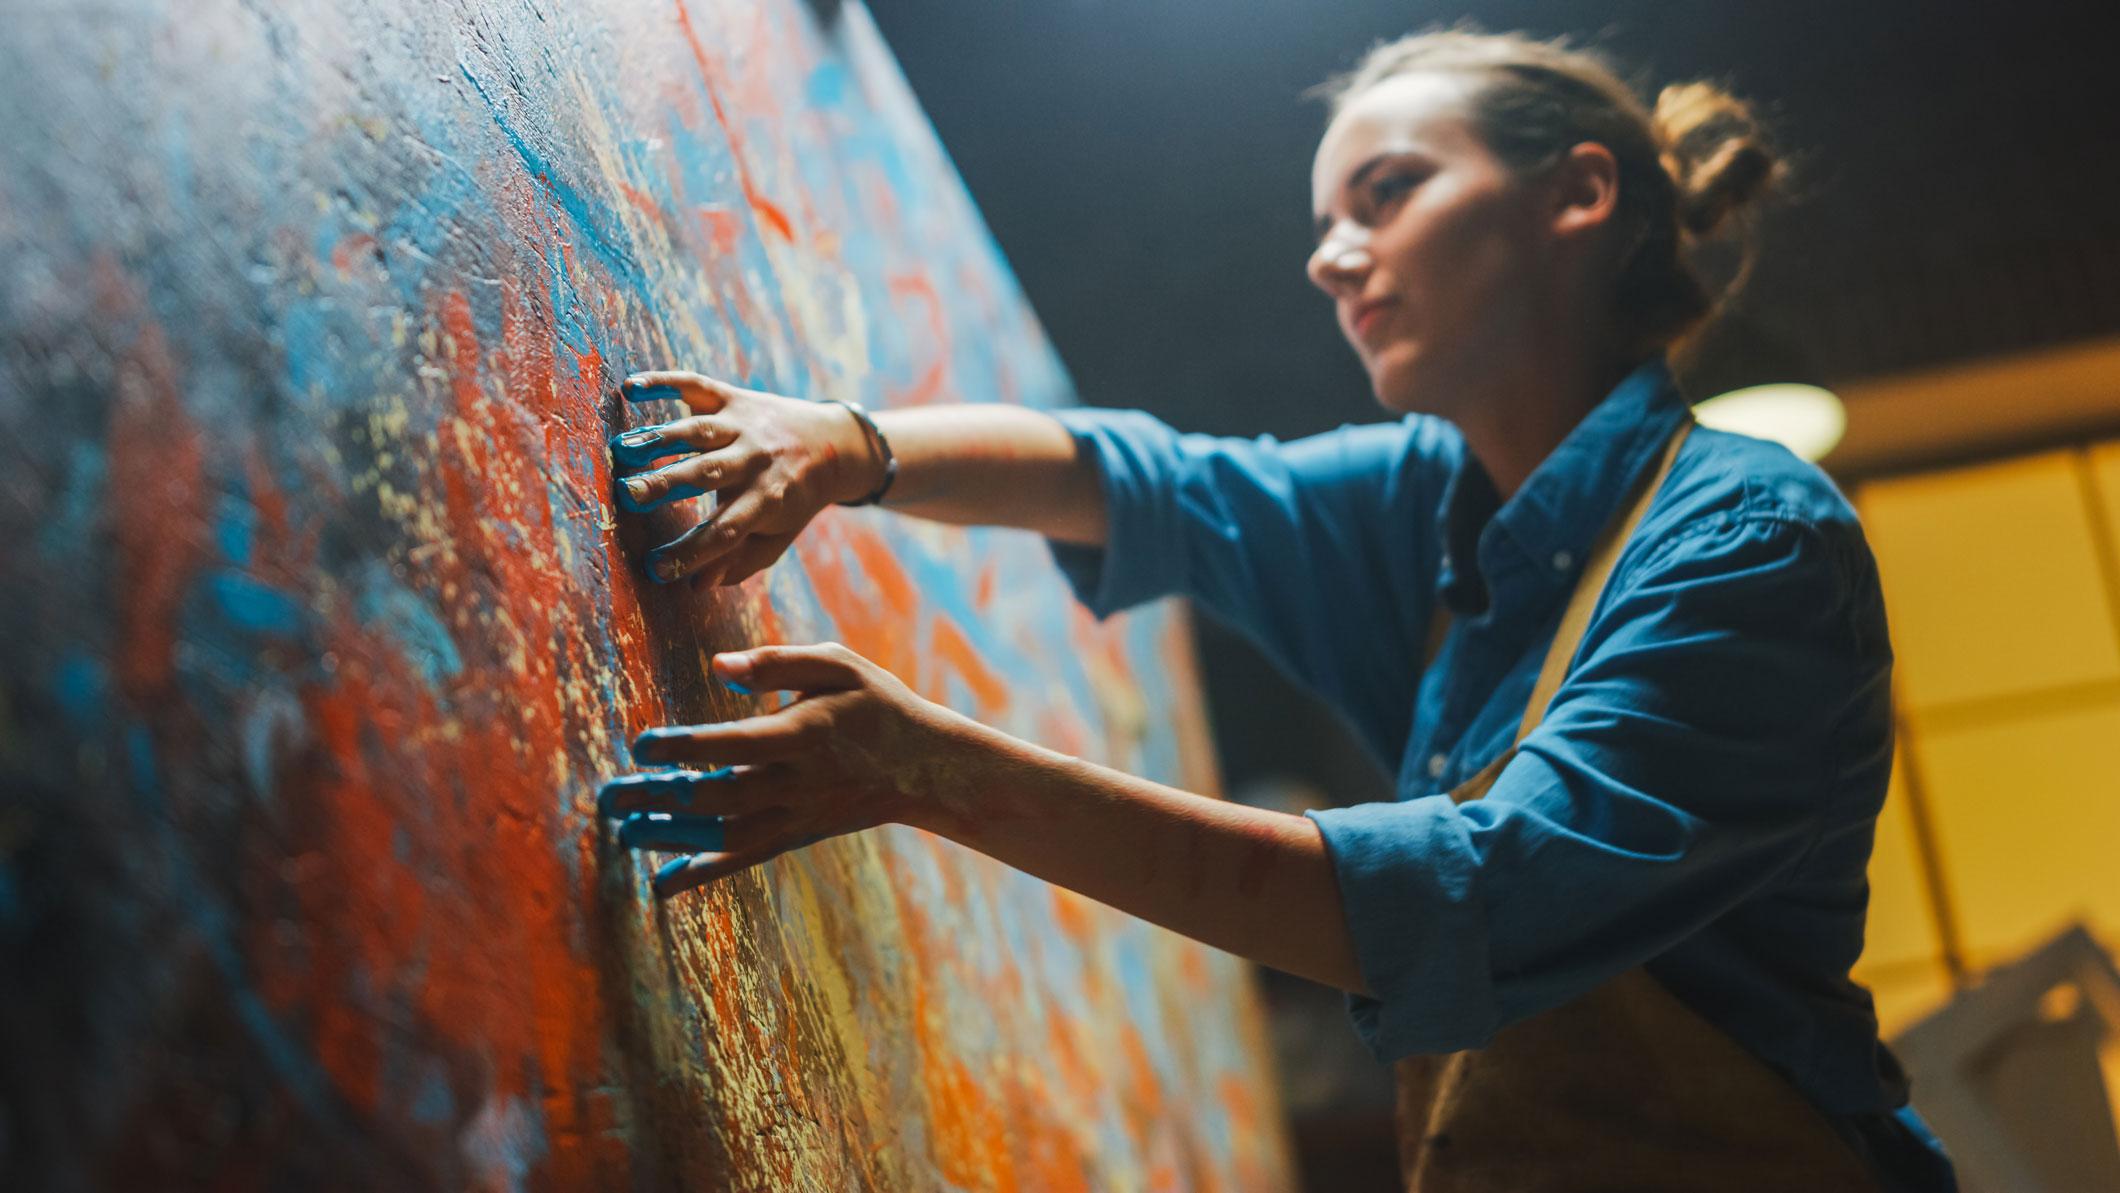 Un statut d'artiste plus accessible, équitable, inclusif et qui valorise le travail